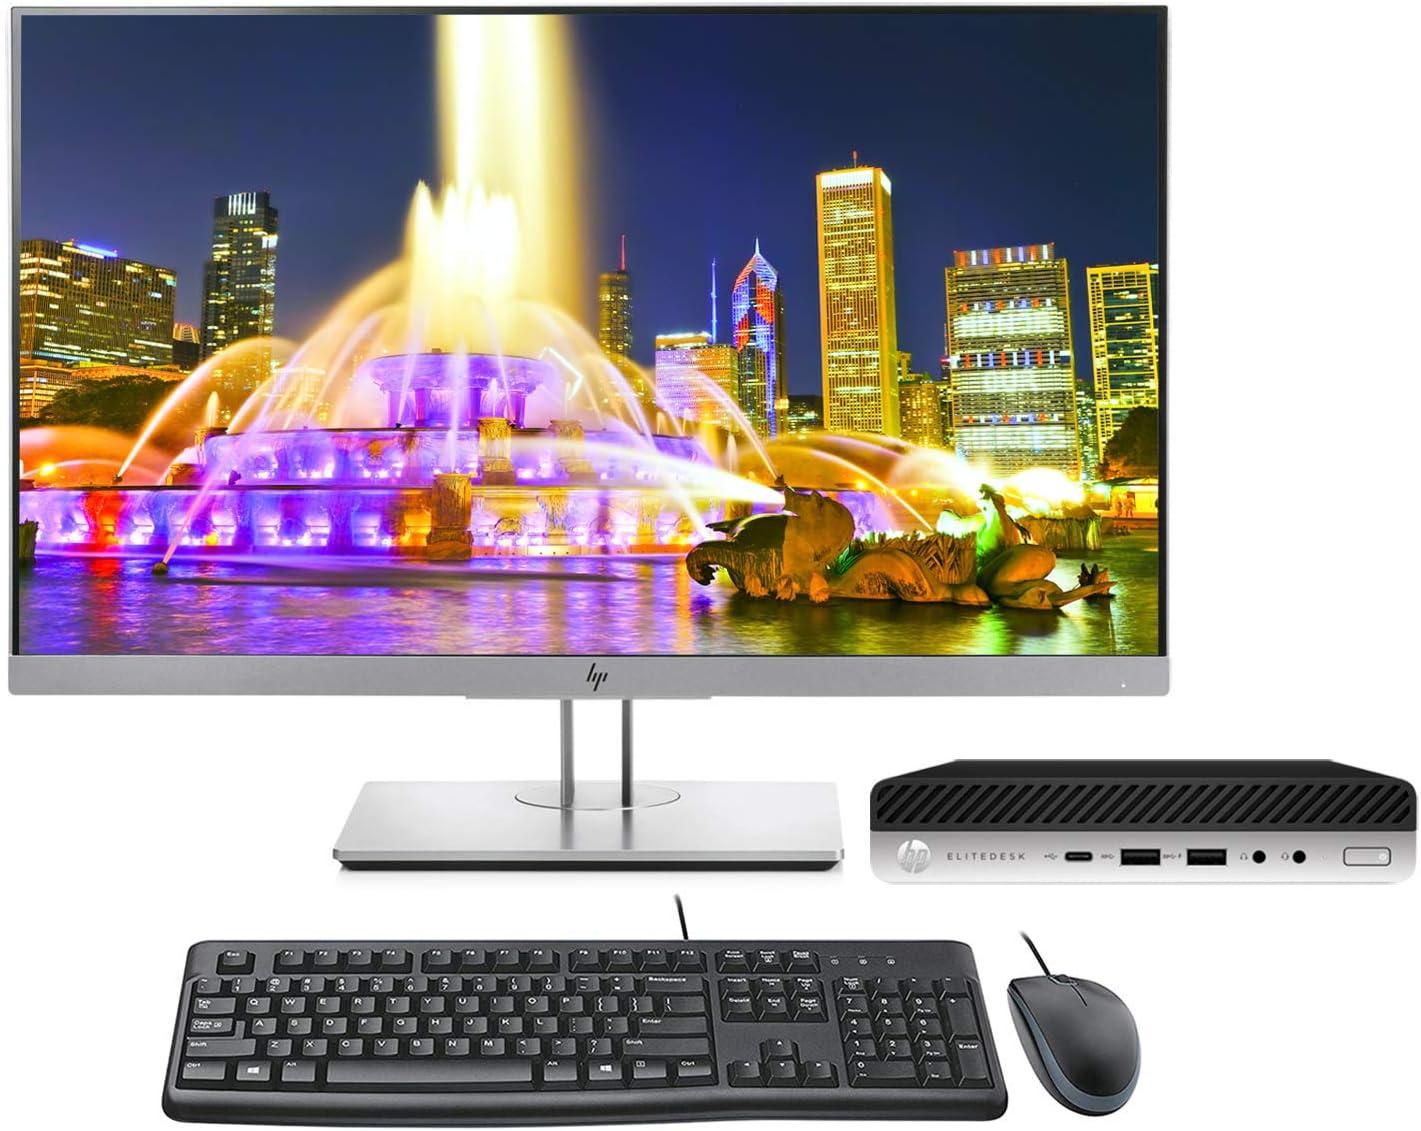 HP EliteDesk 705 G4 Desktop Mini PC Bundle with 24 inch E243 Monitor, Keyboard, Mouse, WiFi, Ryzen 5 Pro, 8GB, 256GB SSD, Windows 10 Pro (Renewed)